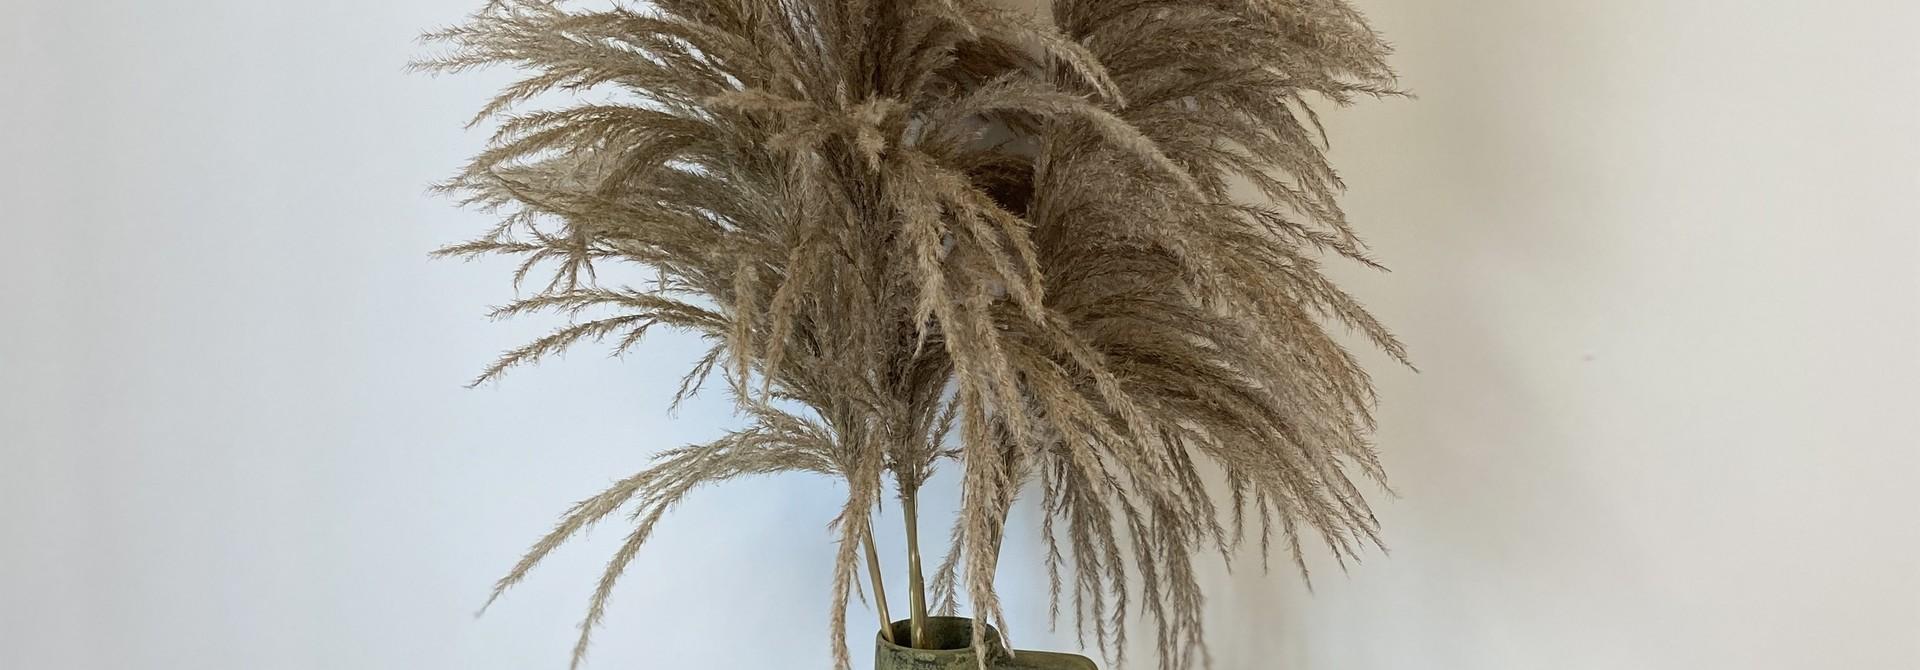 Dried Cortaderia Naturel 110 cm